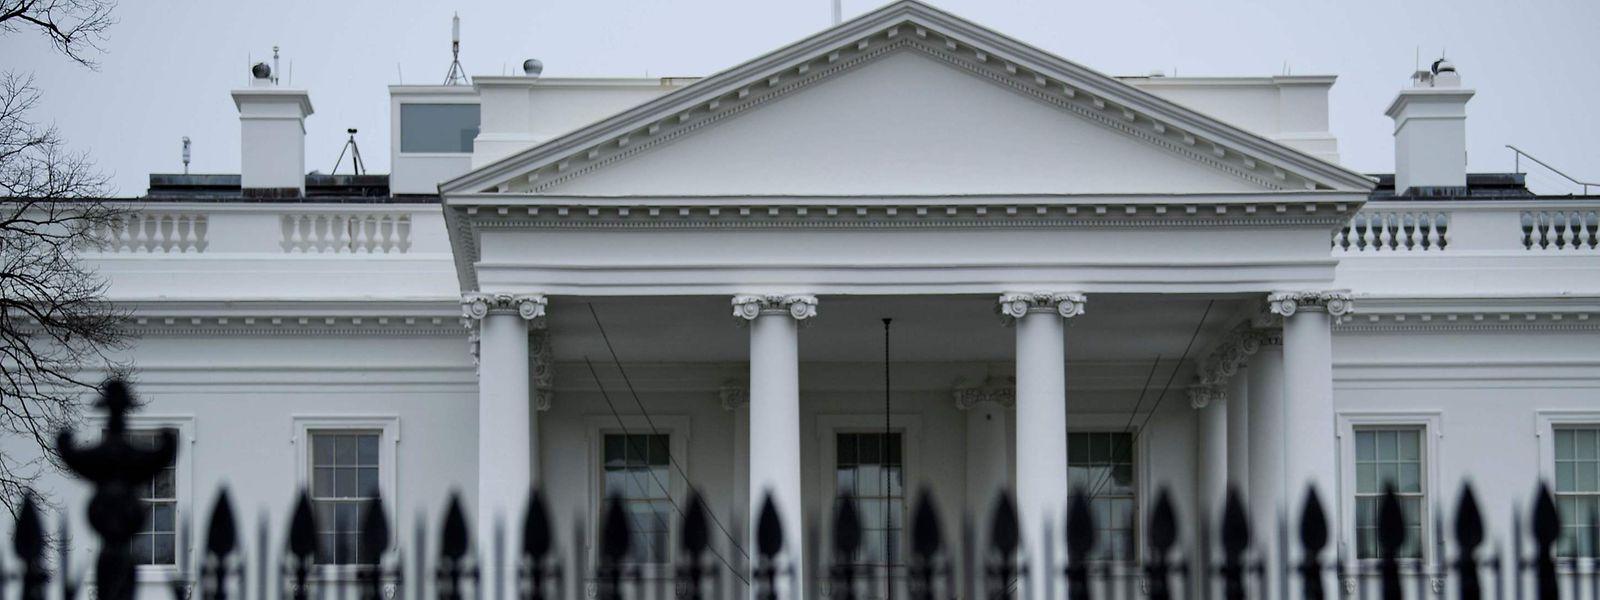 Der junge Mann wollte offenbar ein Attentat im Amtssitz des US-Präsidenten verüben.